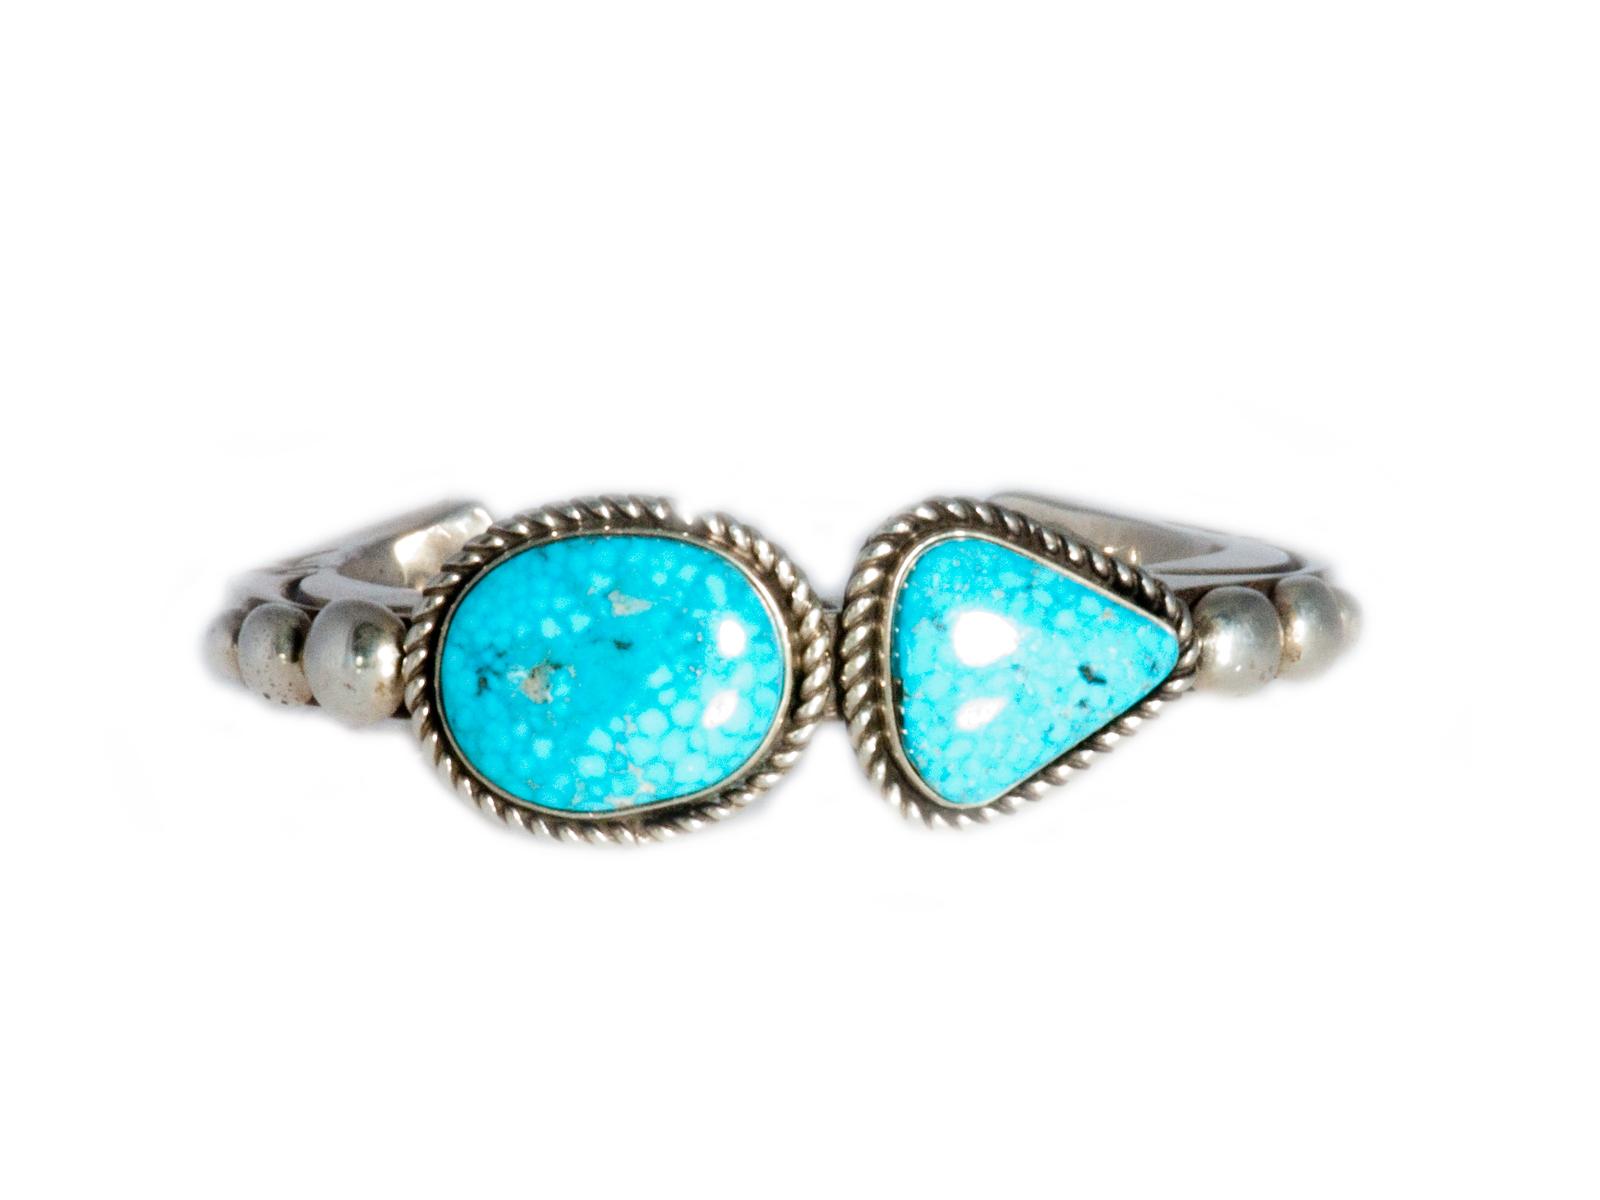 Two Stone Kingman Turquoise Cuff